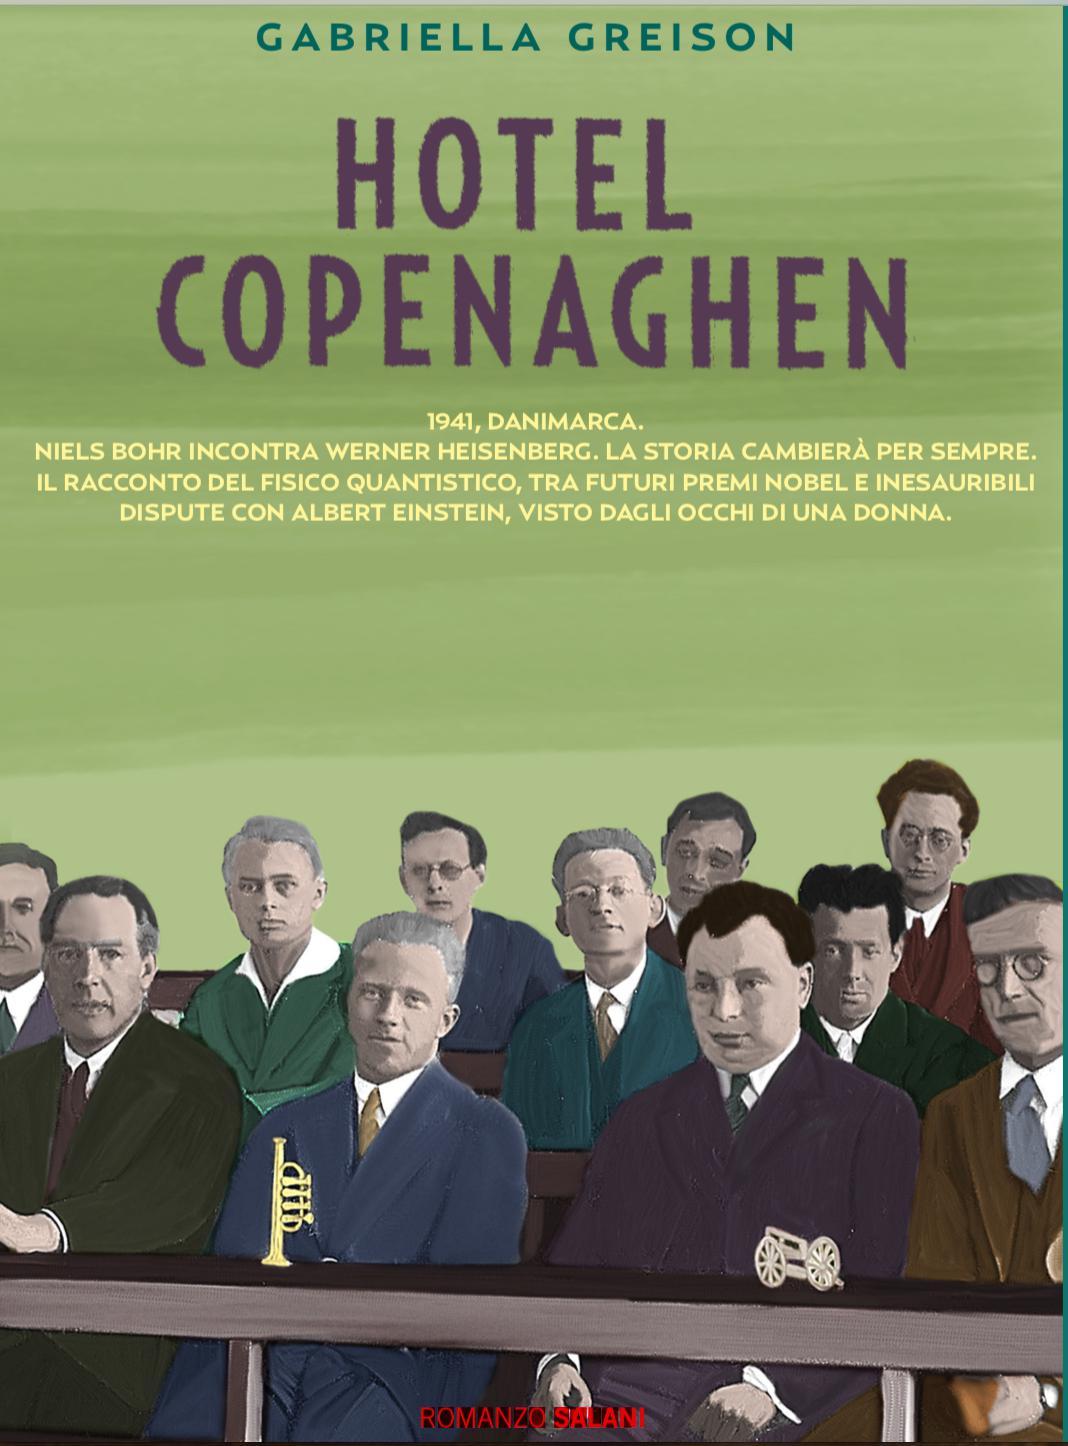 Svelata la copertina del nuovo romanzo HOTEL COPENAGHEN! Ed ecco il primo booktrailer… (esce il 15 marzo 2018 in libreria, segnatevi la data!)